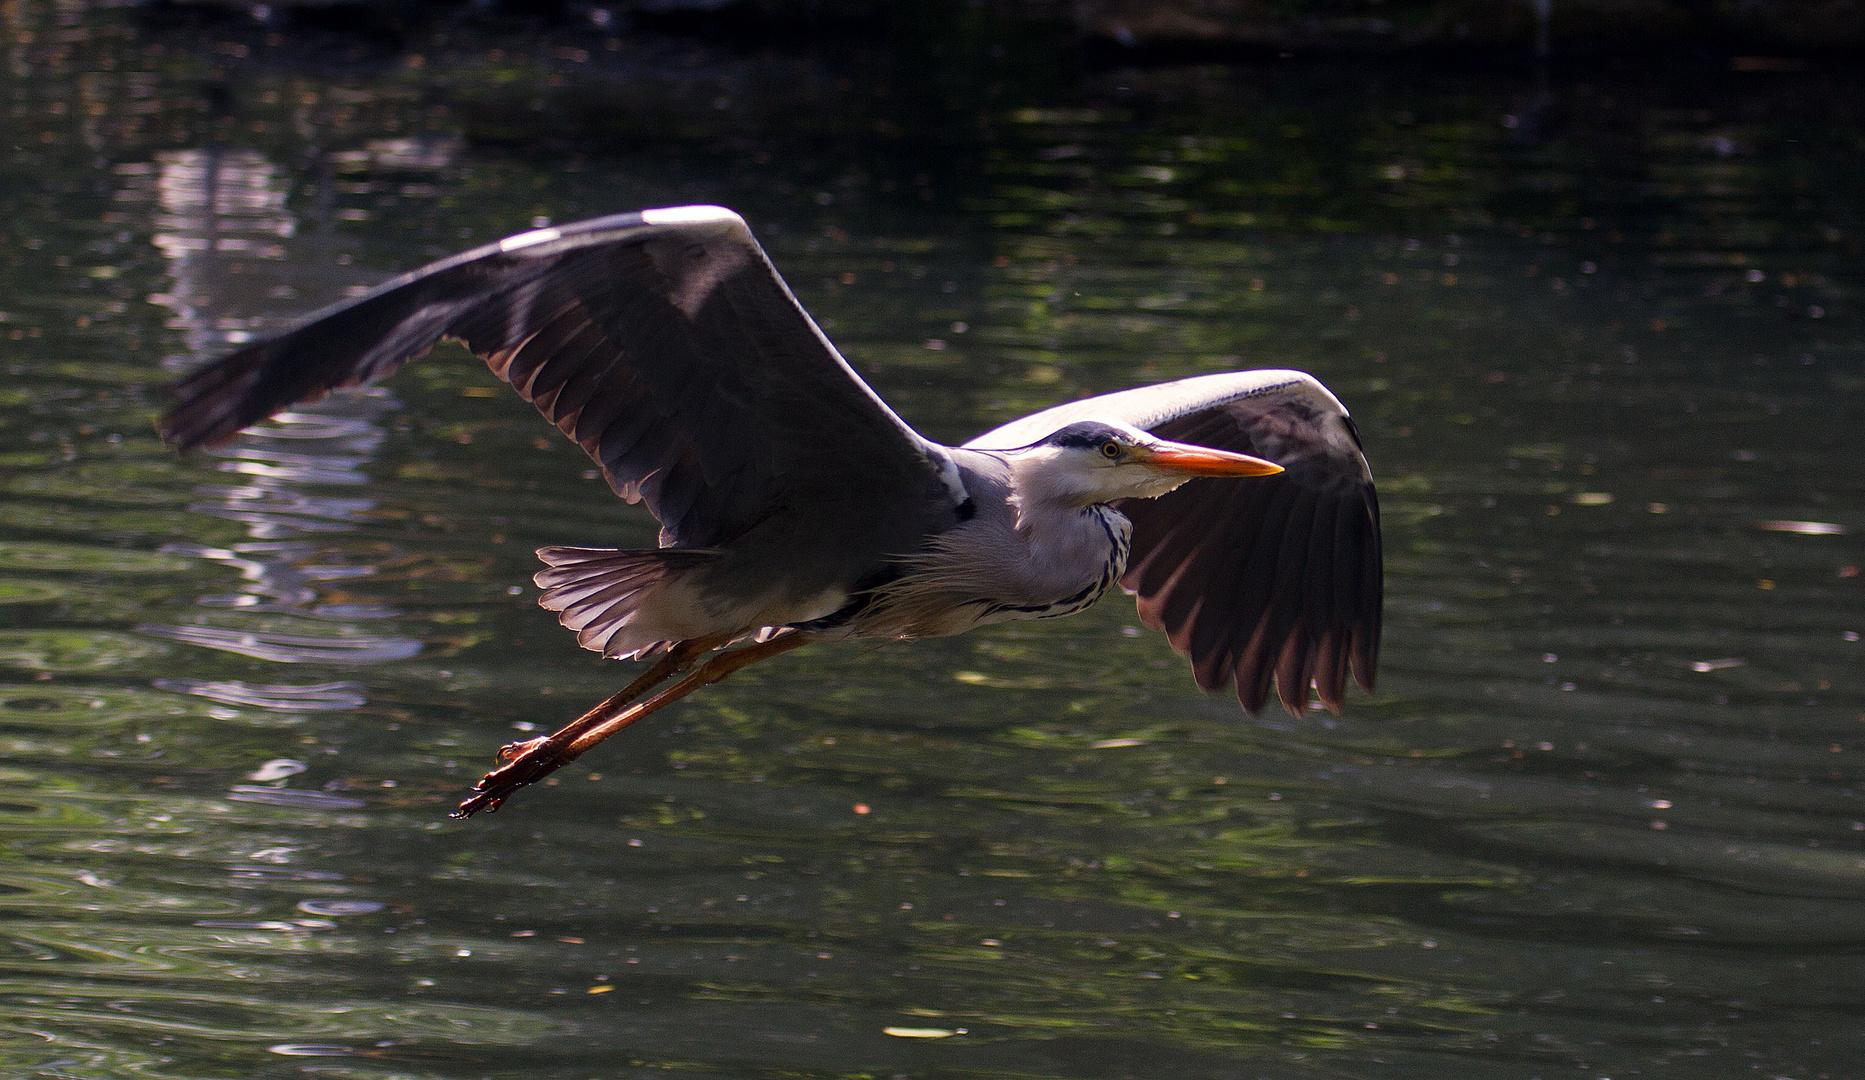 Ein sehr eleganter Flieger